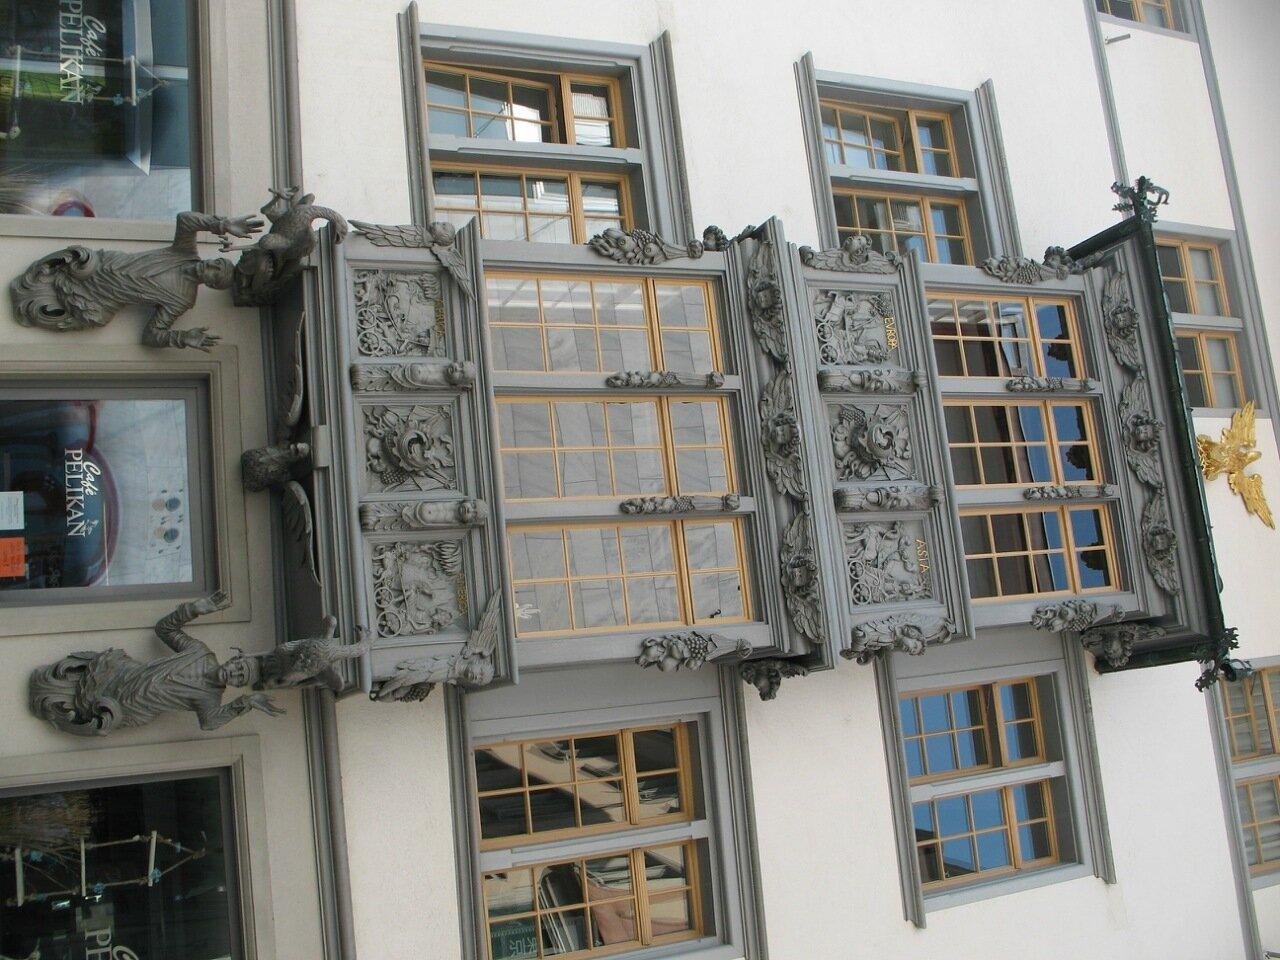 St-Gallen_11.JPG